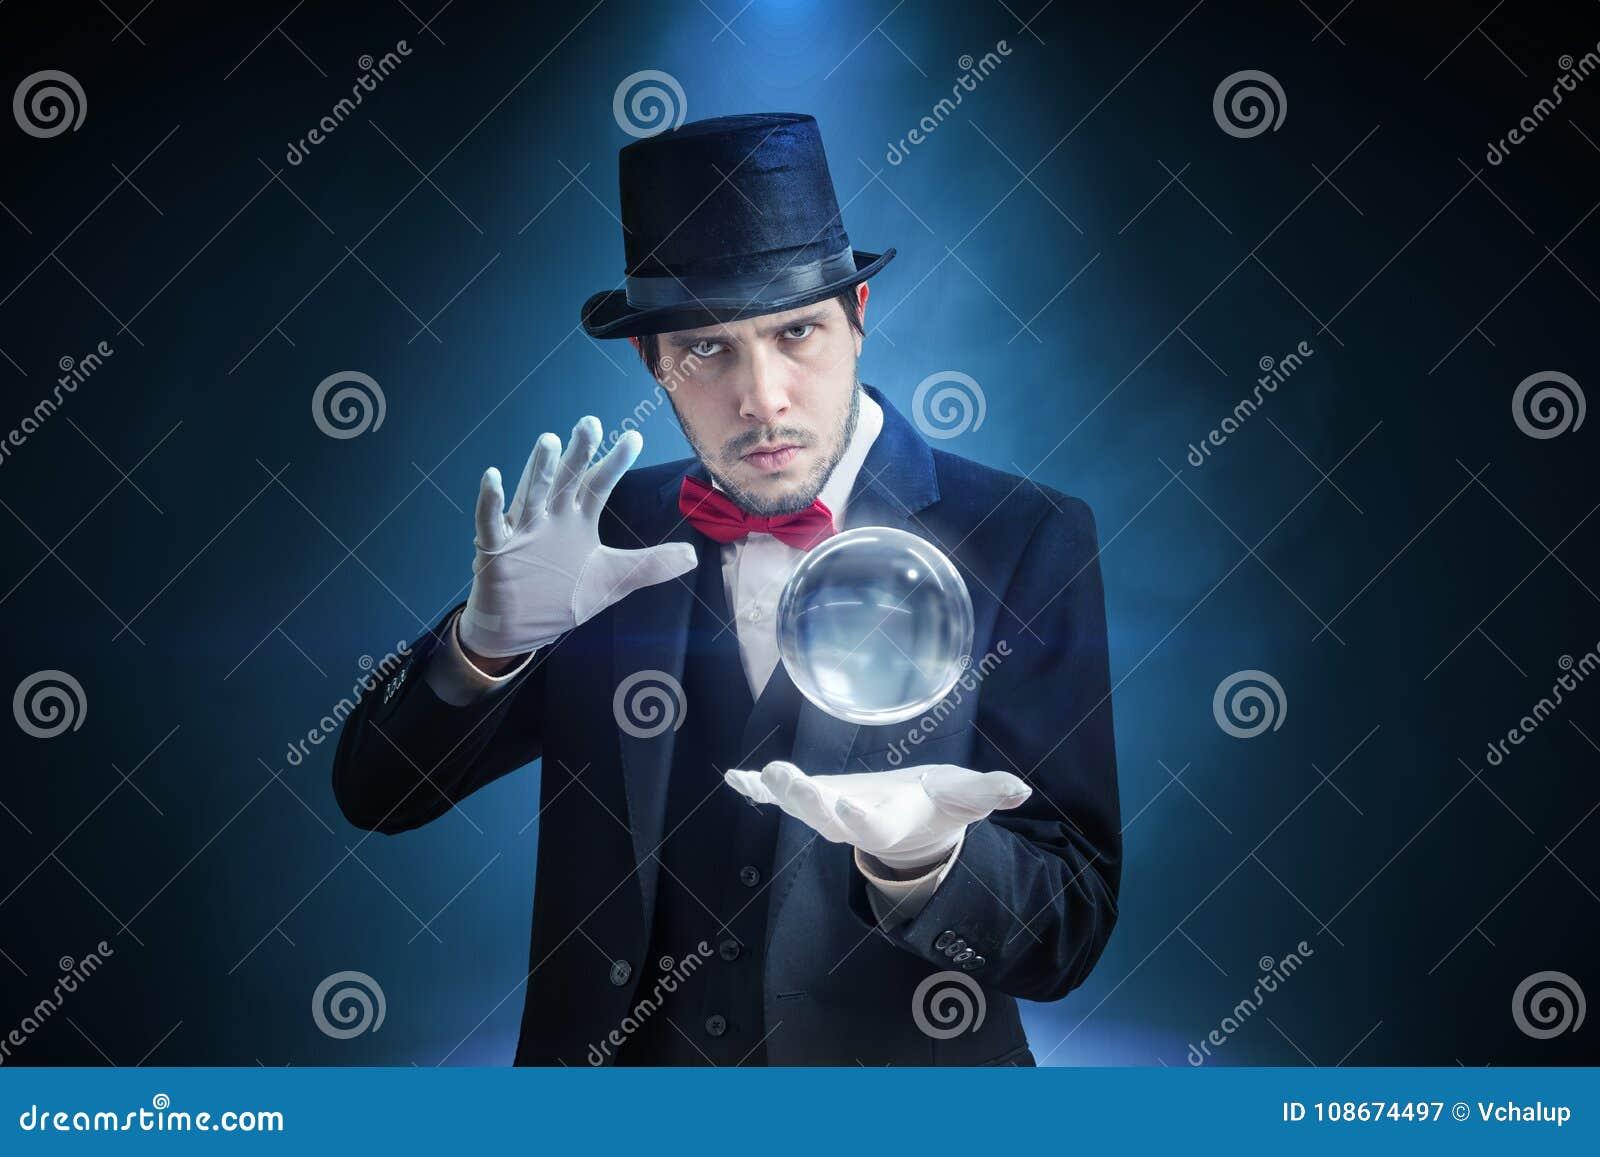 Молодые illusionist, волшебник или рассказчик удачи предсказывают будущее с кристаллической сферой